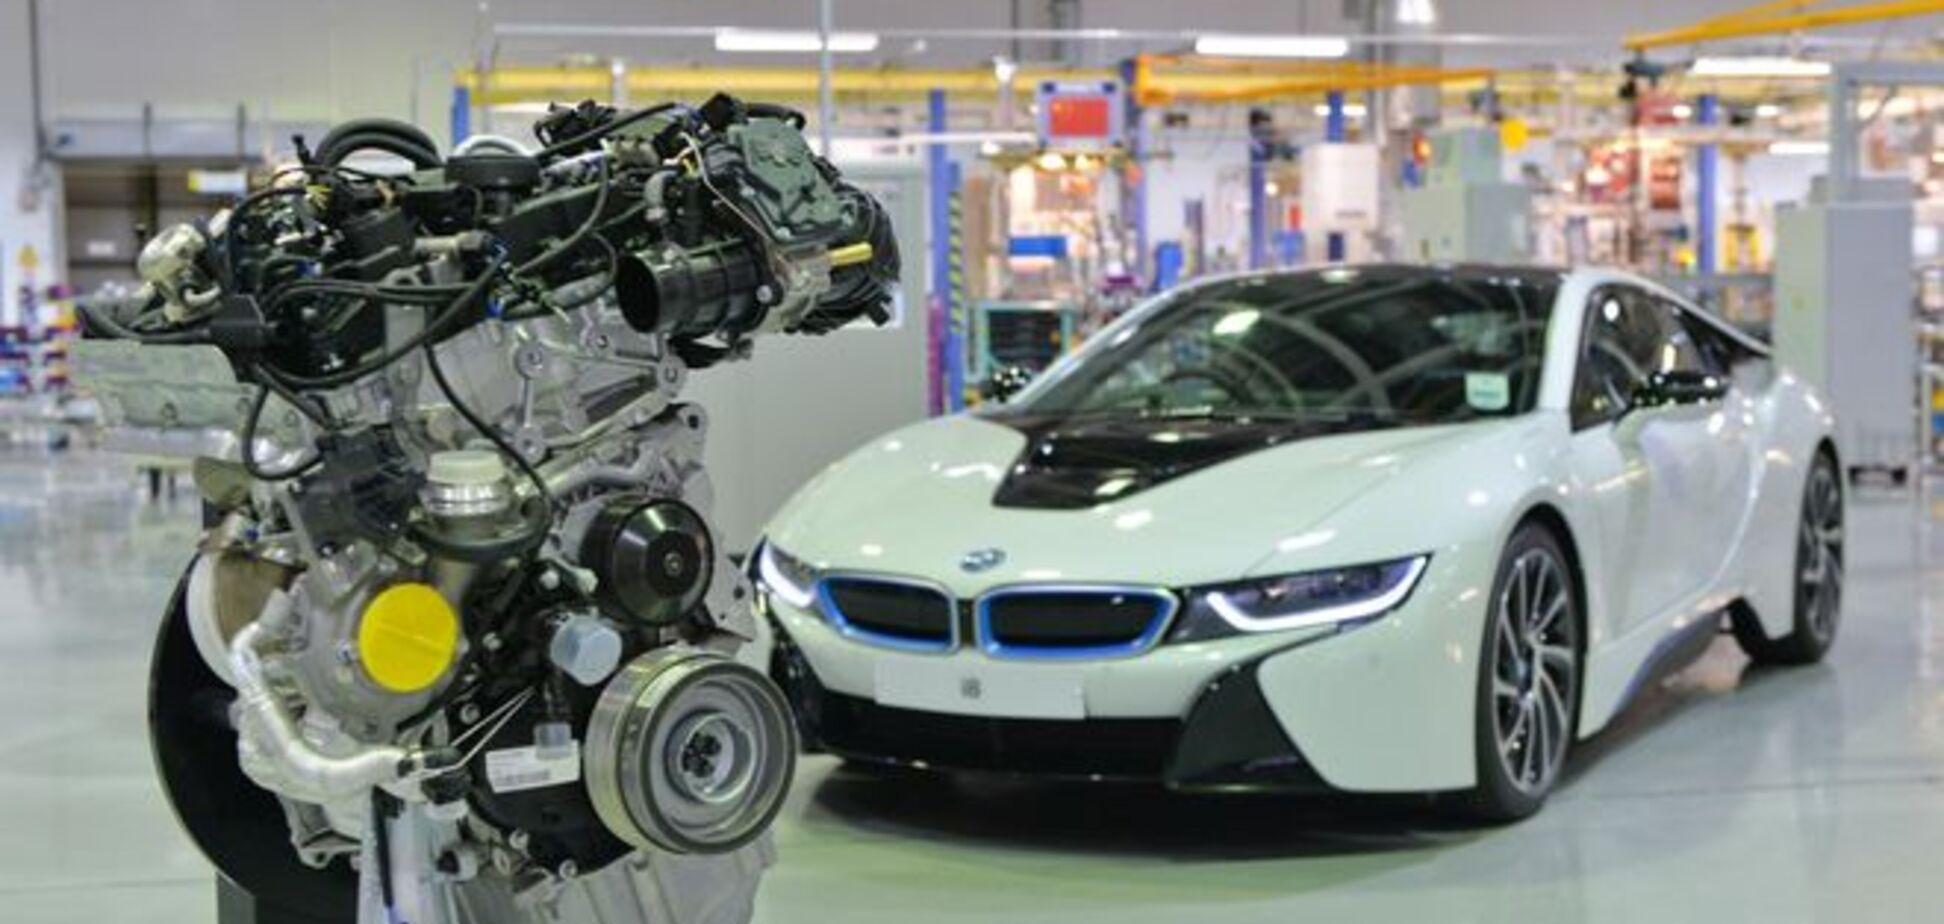 Лучший двигатель года развивает 365 л.с. и расходует 2,1 л на сотню